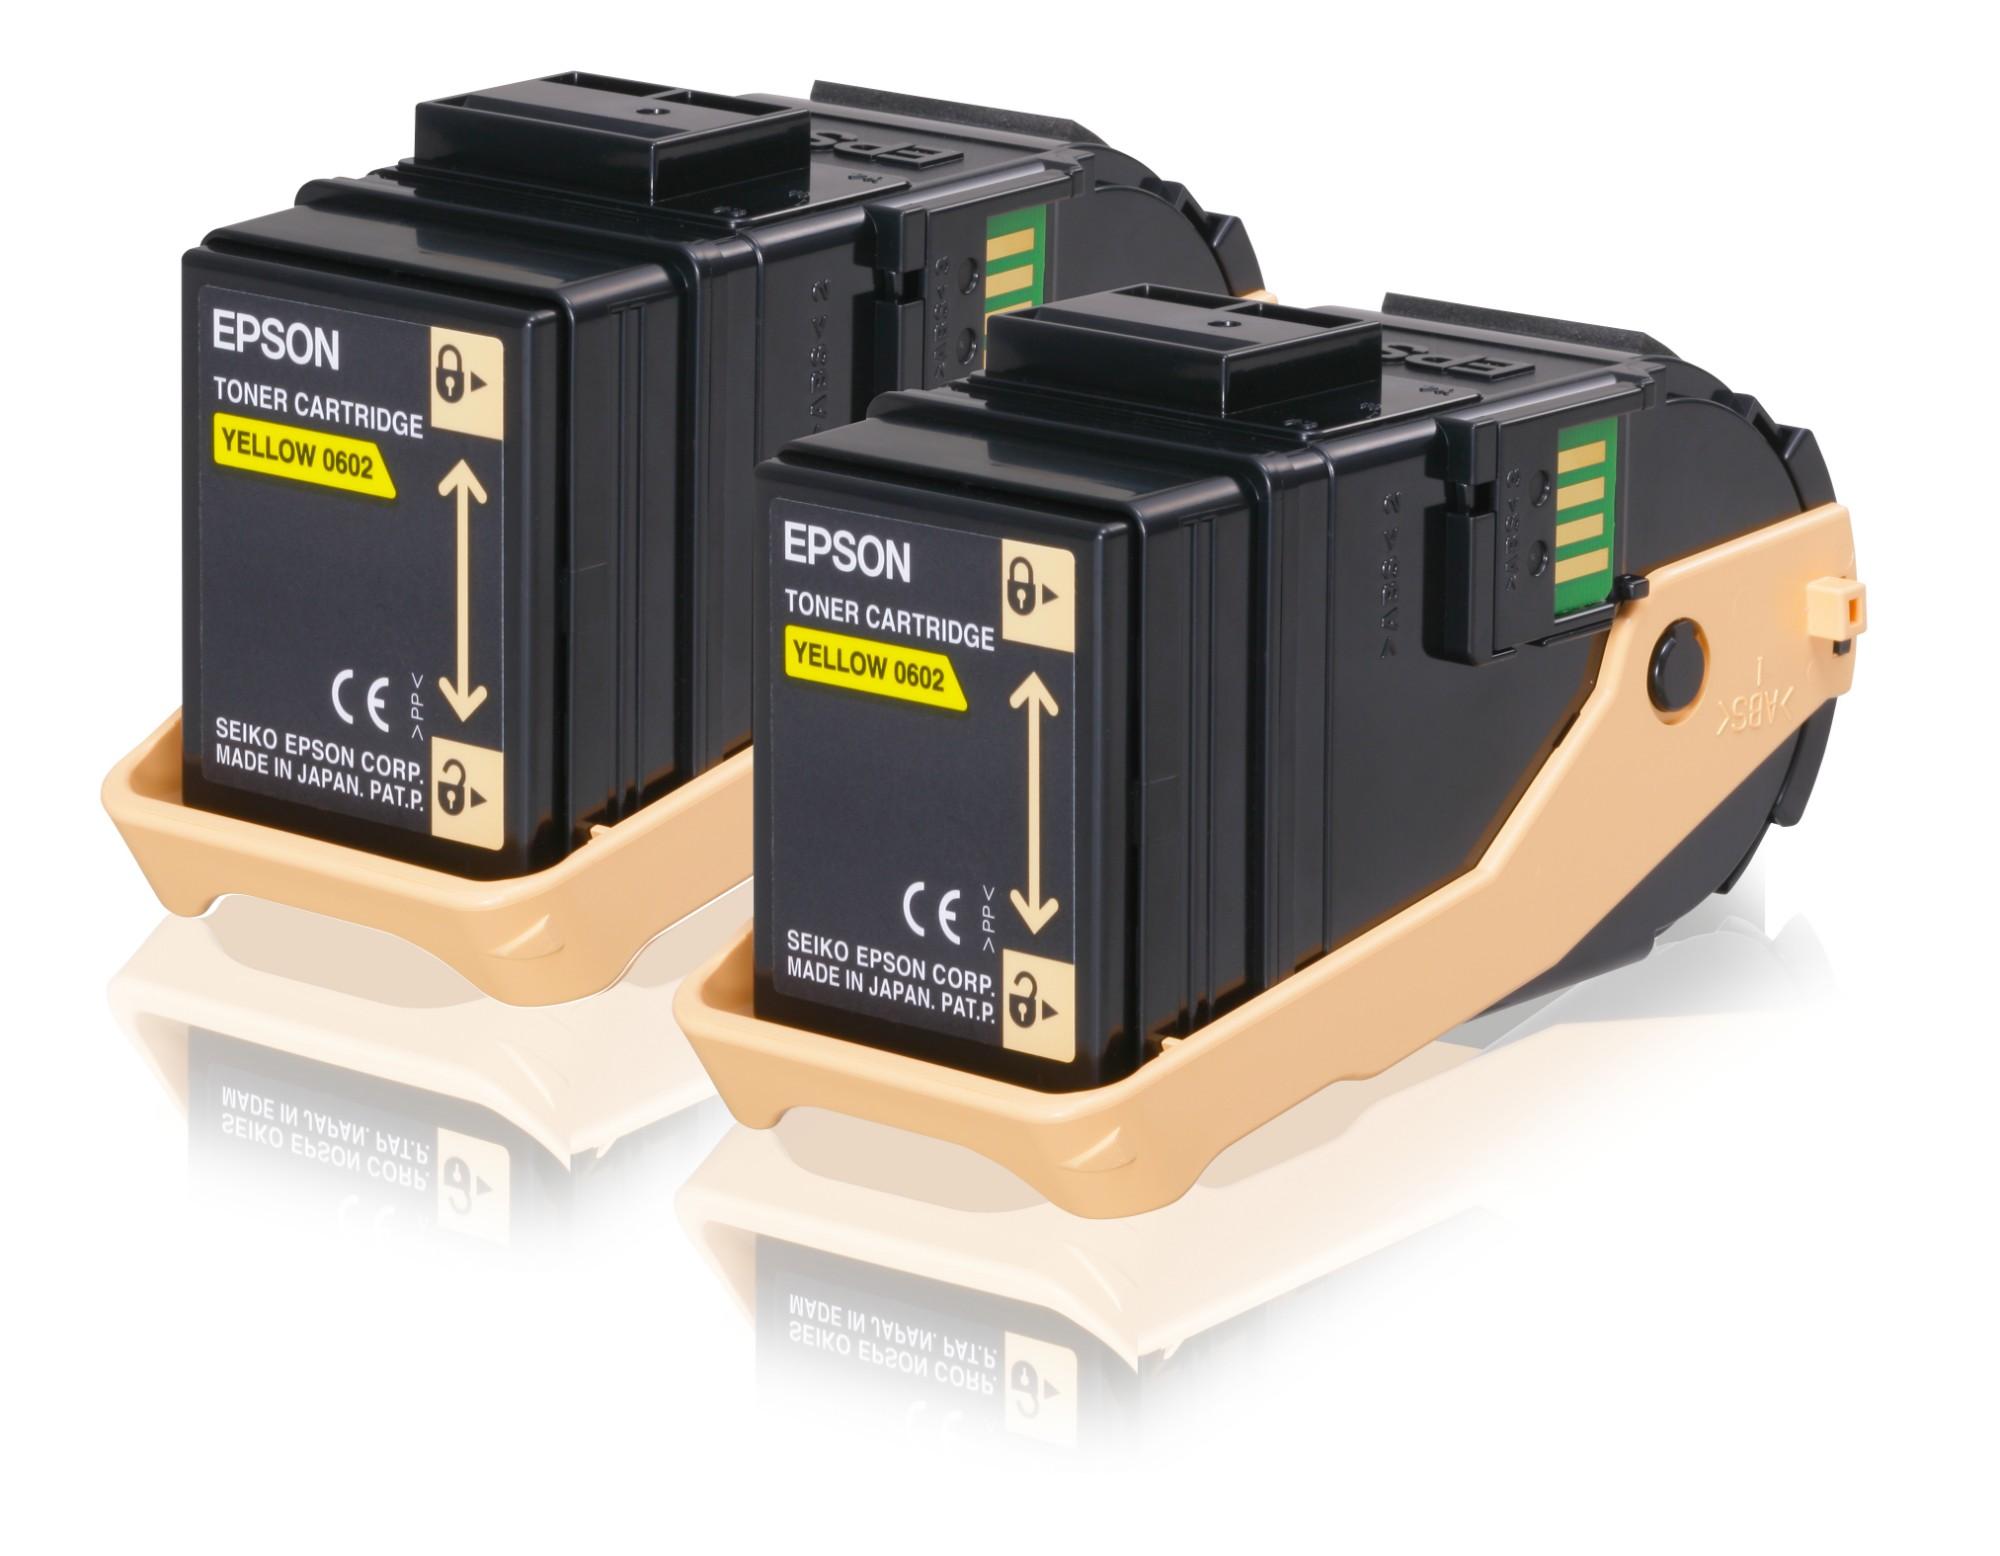 Epson Doble cartucho de tóner amarillo 7.5kx2